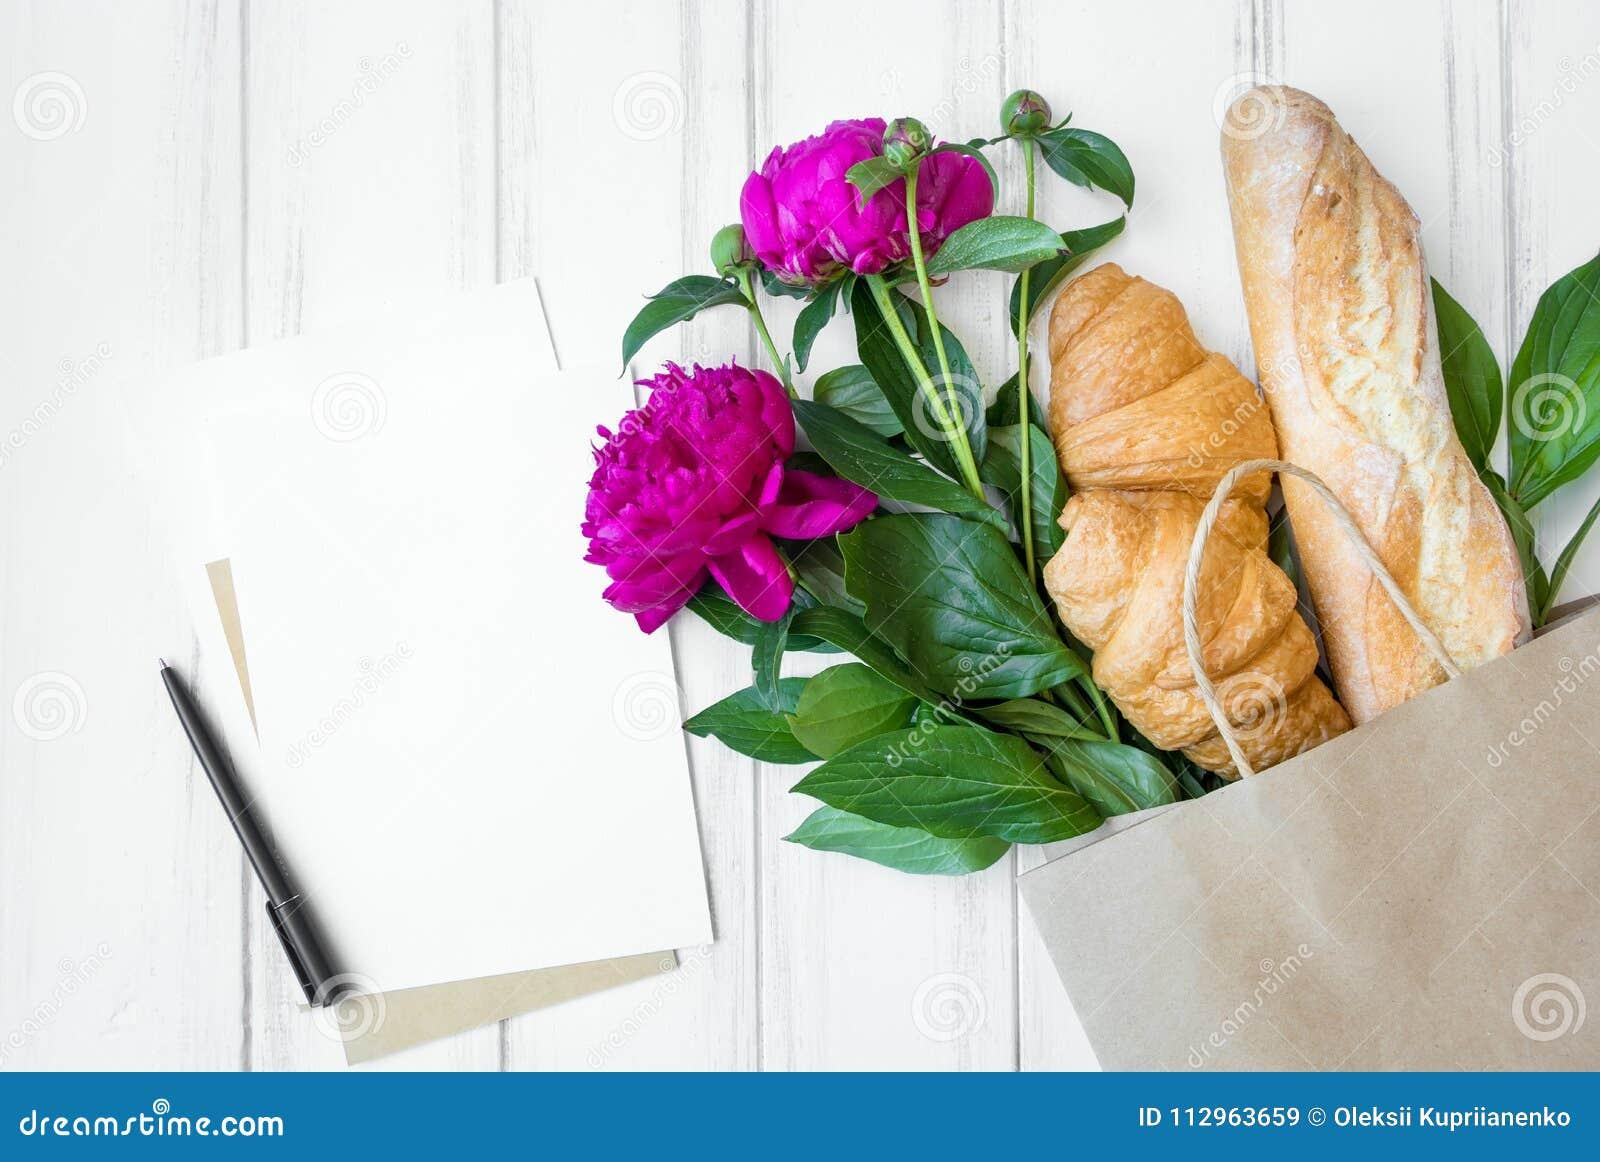 Panier de papel con el pan fresco, los cruasanes, las flores y la endecha del plano de la lista de compras, visión superior de la